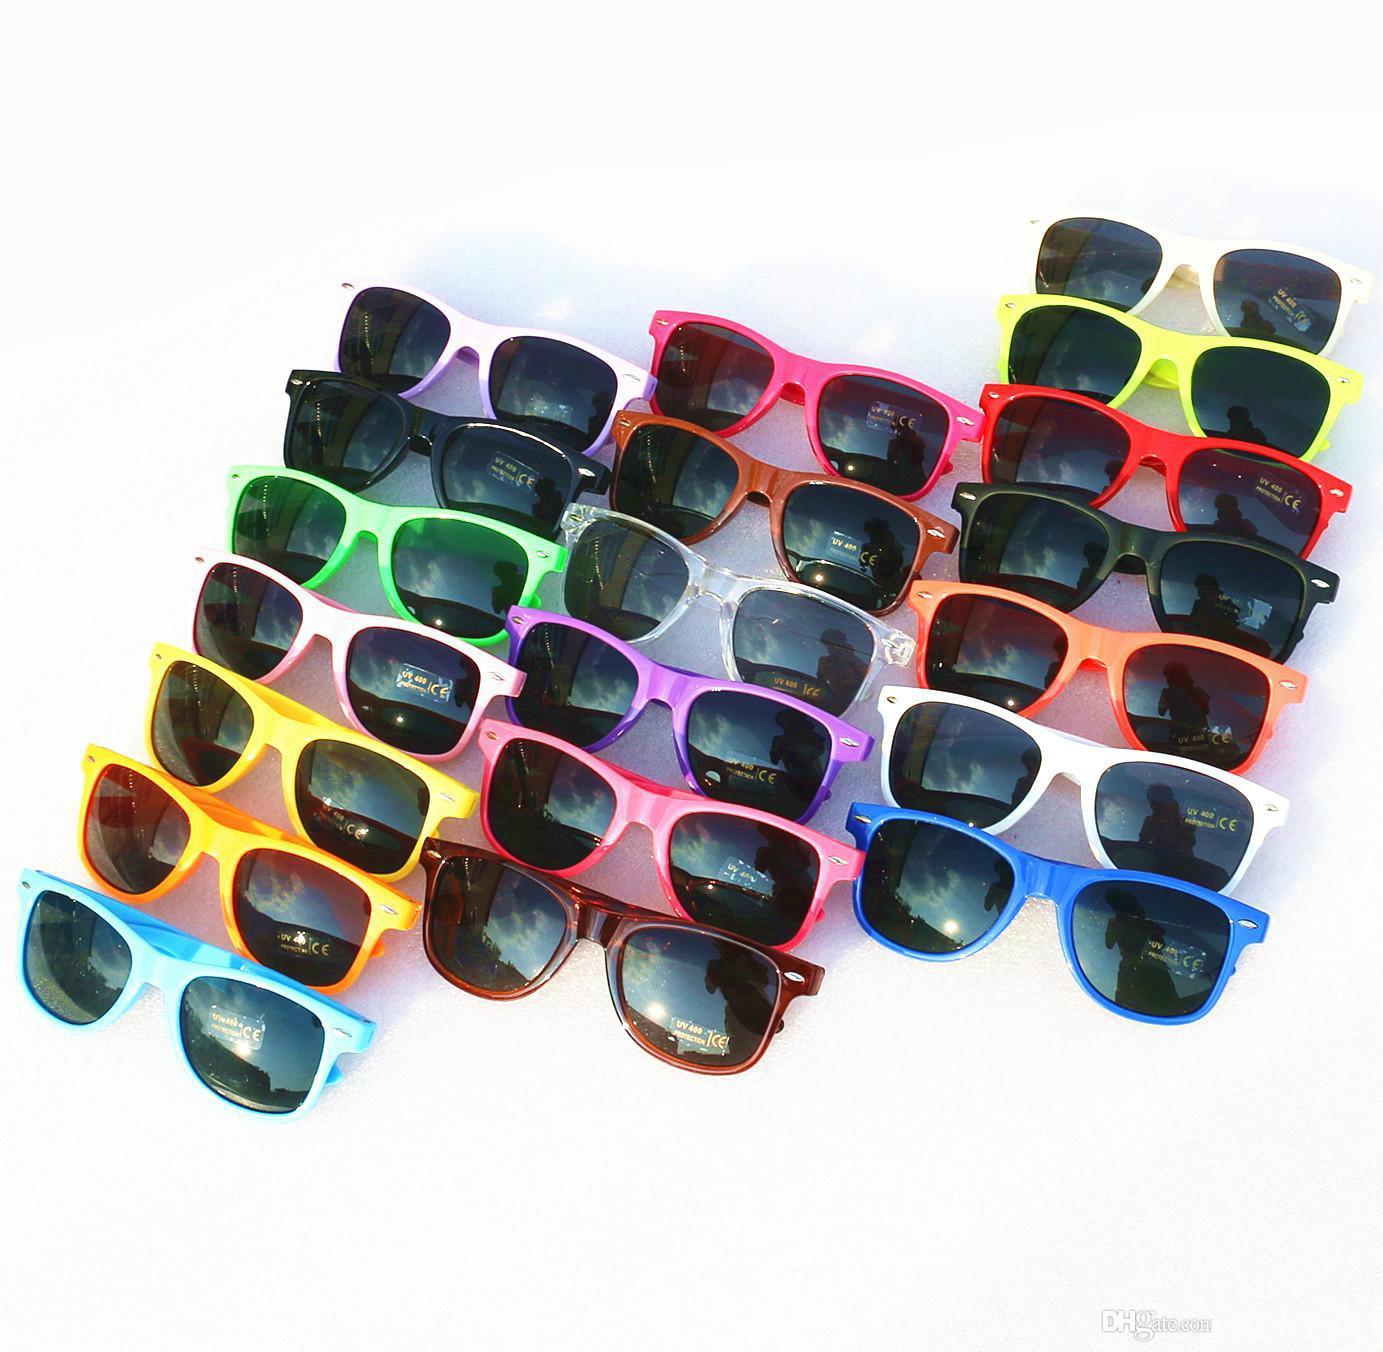 20 pcs atacado clássico óculos de sol de plástico retro do vintage óculos de sol quadrados para mulheres dos homens adultos crianças crianças multi cores